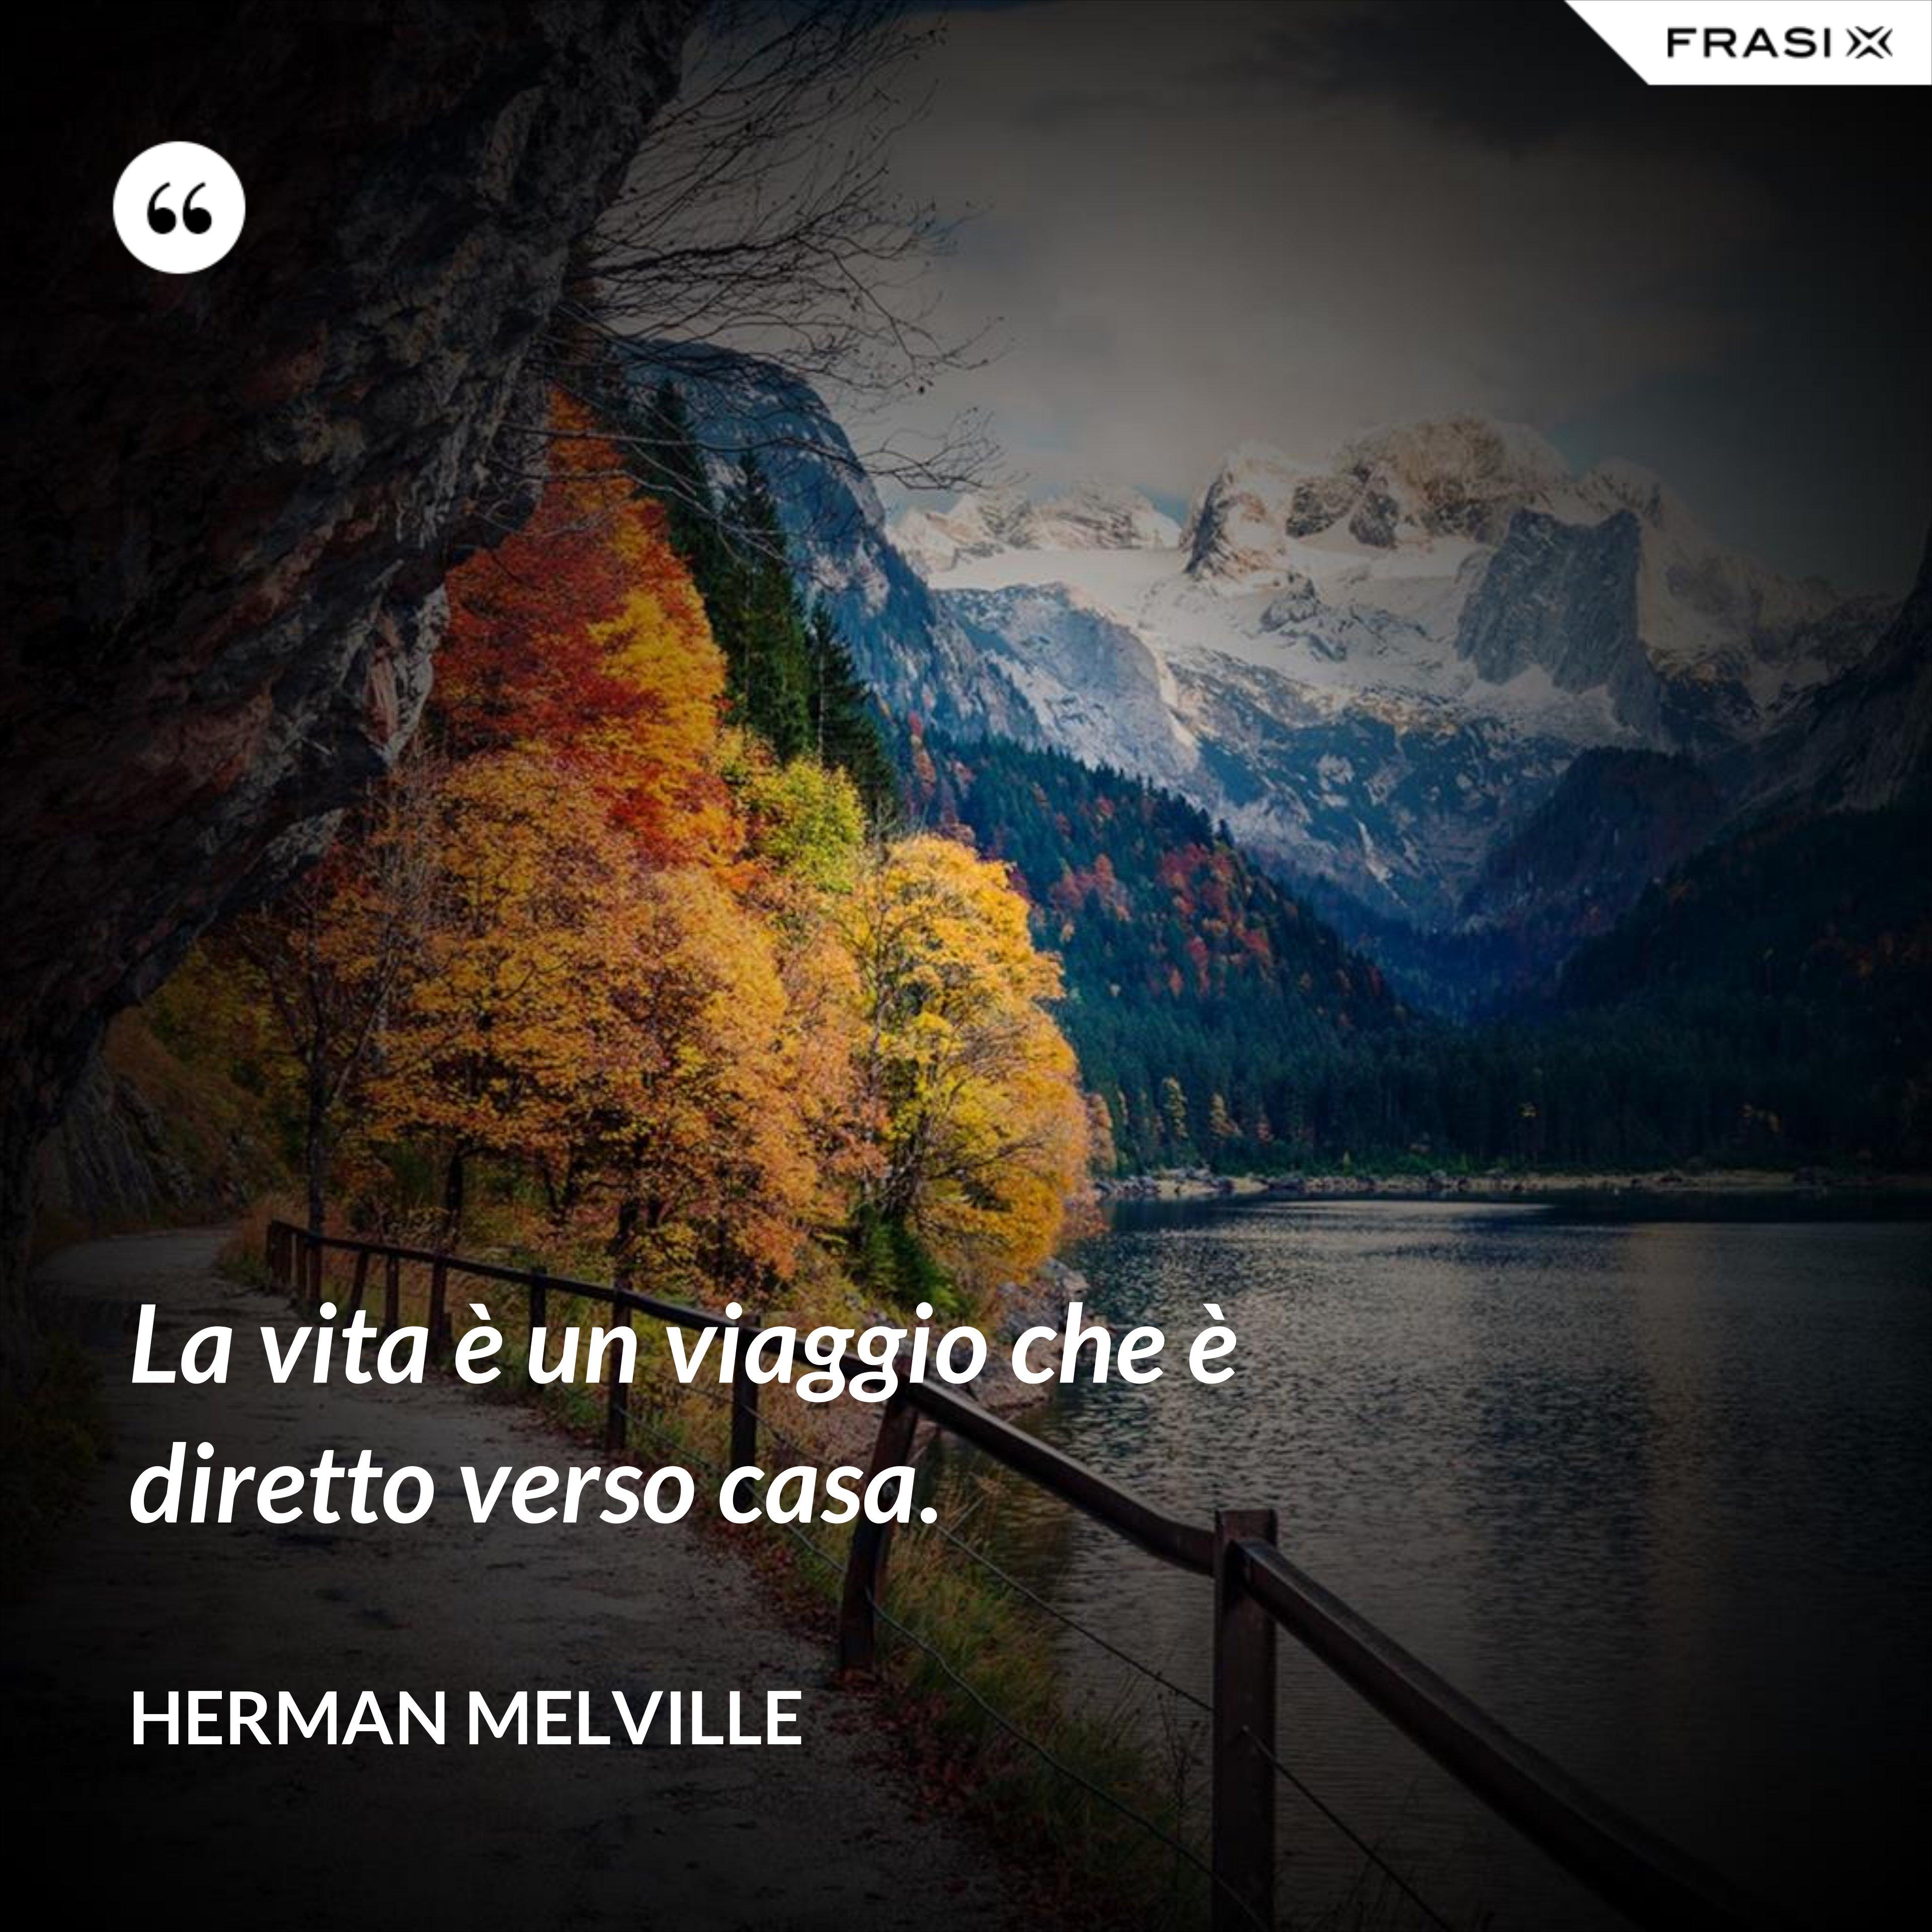 La vita è un viaggio che è diretto verso casa. - Herman Melville